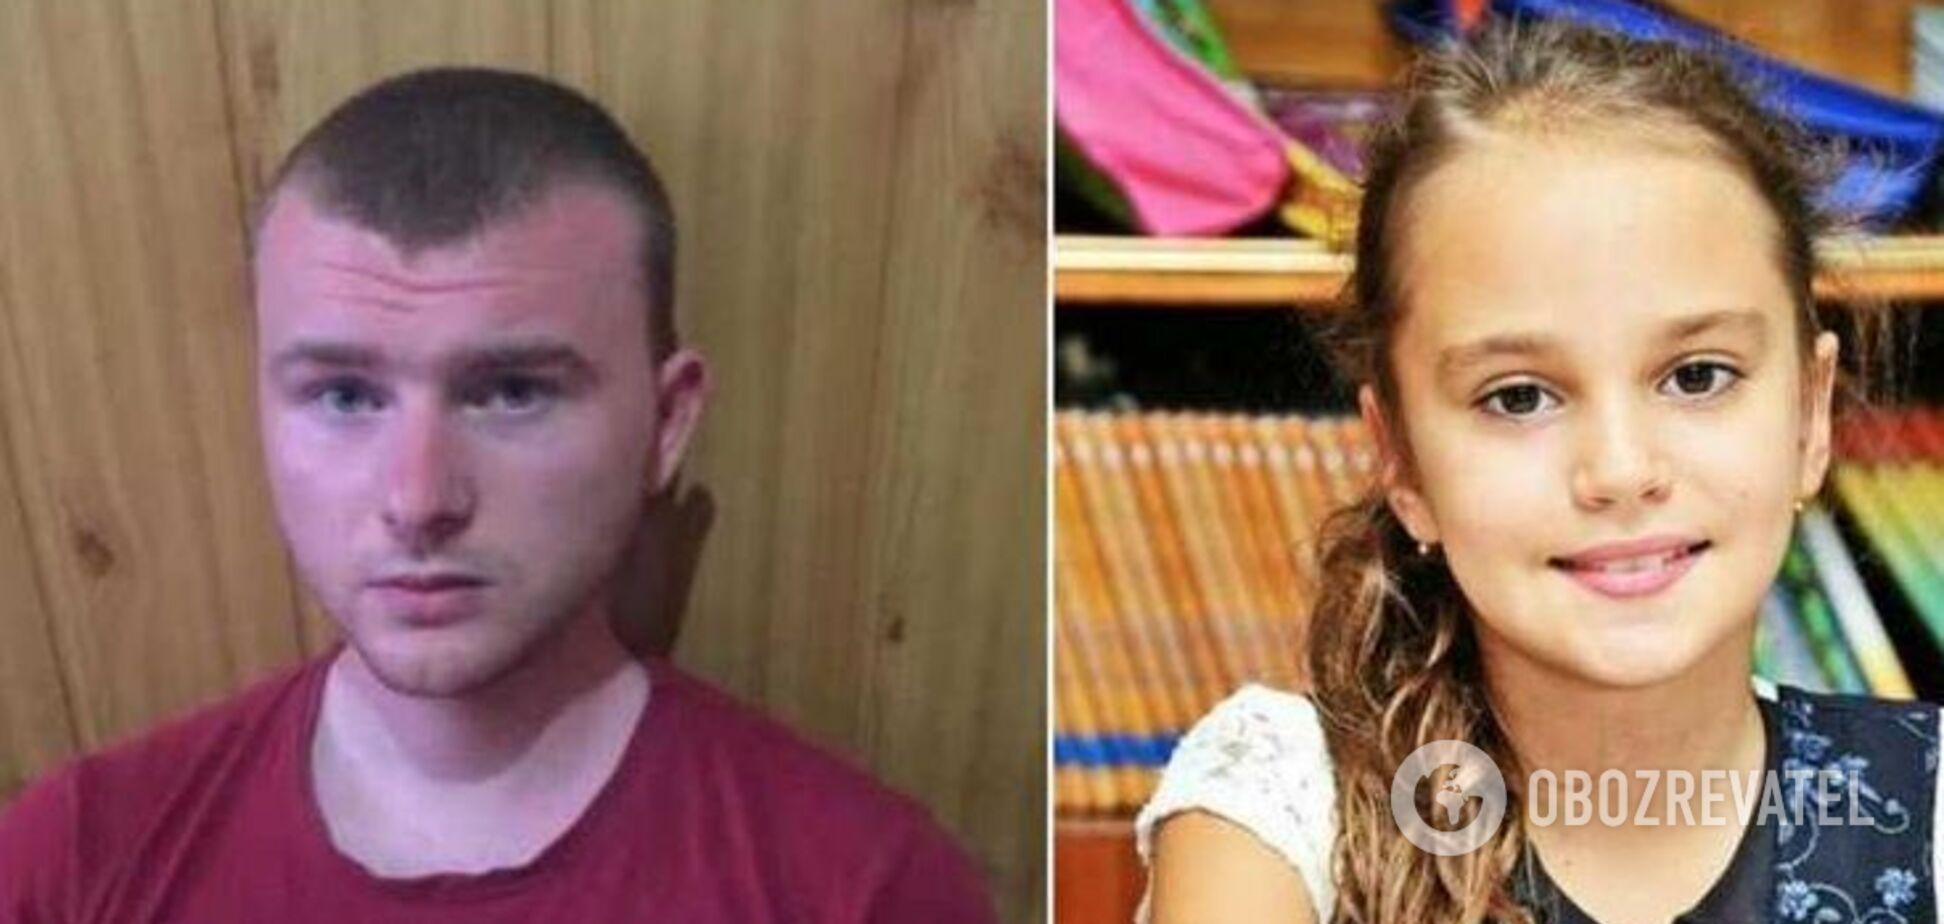 Убийство Даши Лукьяненко: подозреваемый сделал громкое заявление